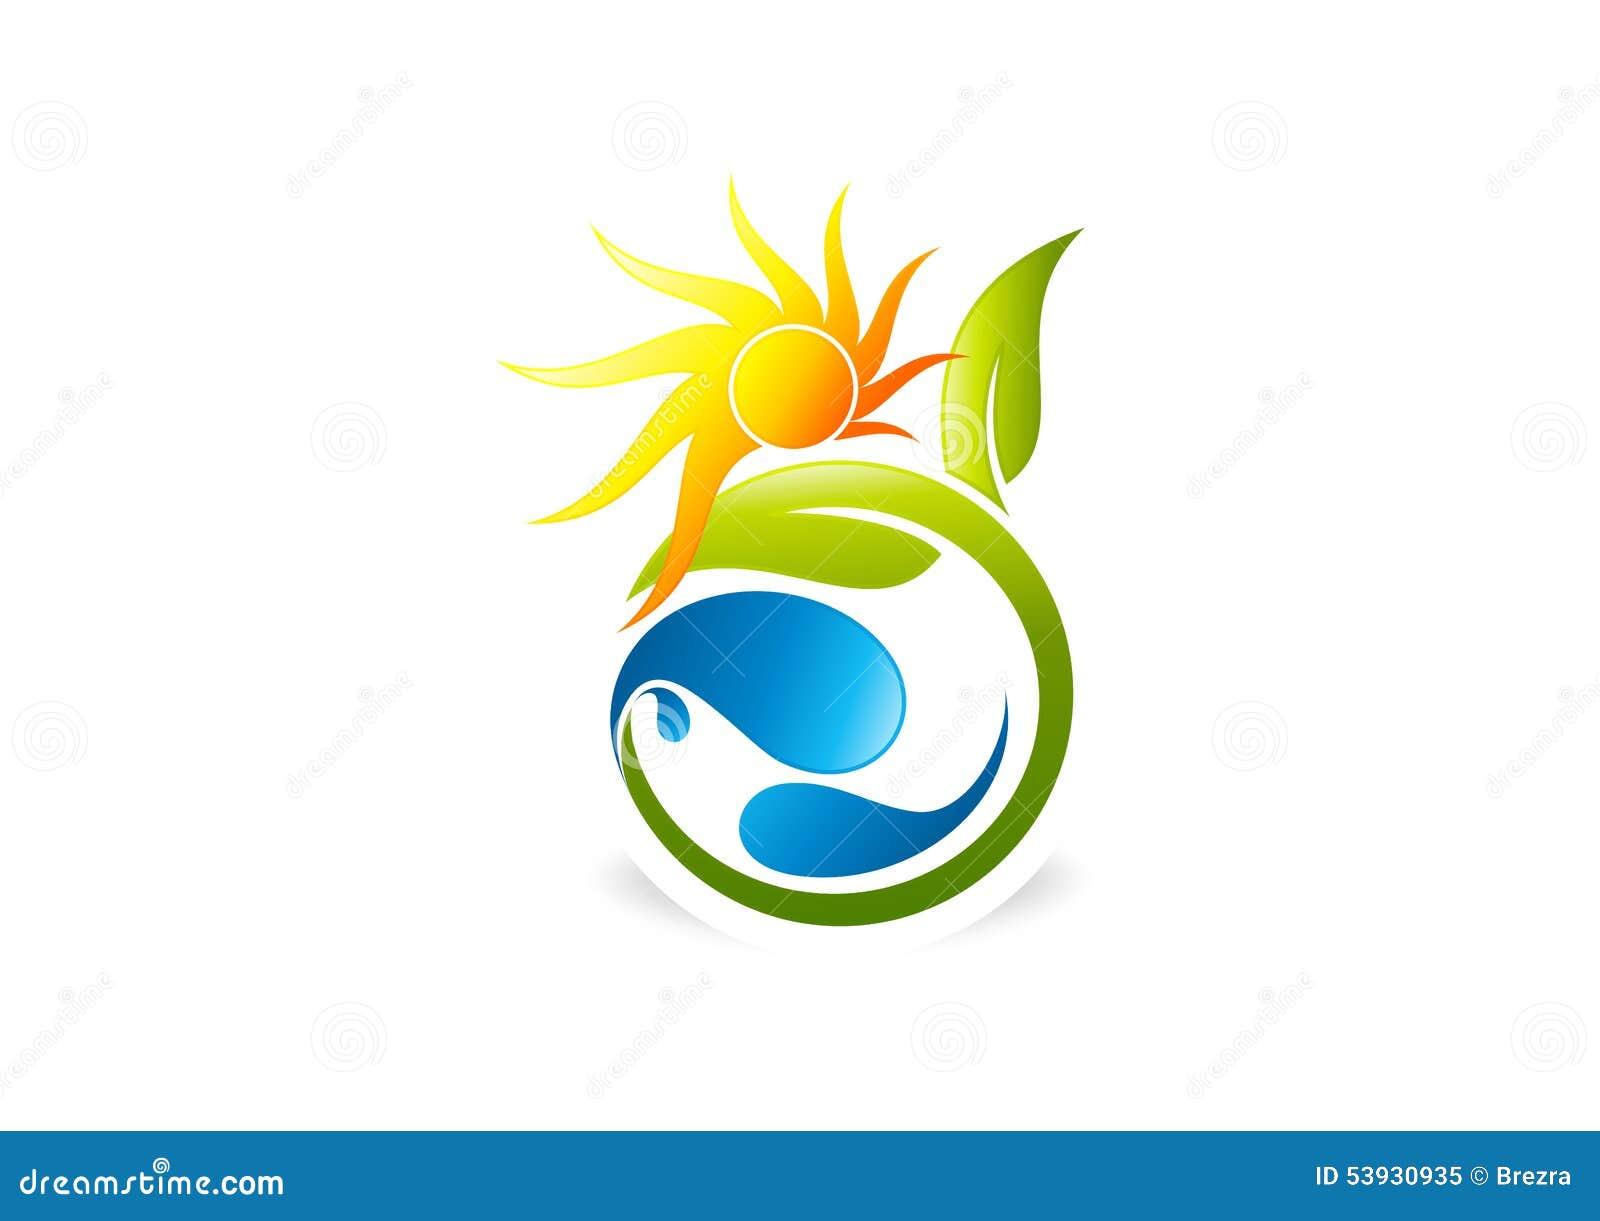 Sun, planta, gente, agua, natural, logotipo, icono, salud, hoja, botánica, ecología y símbolo